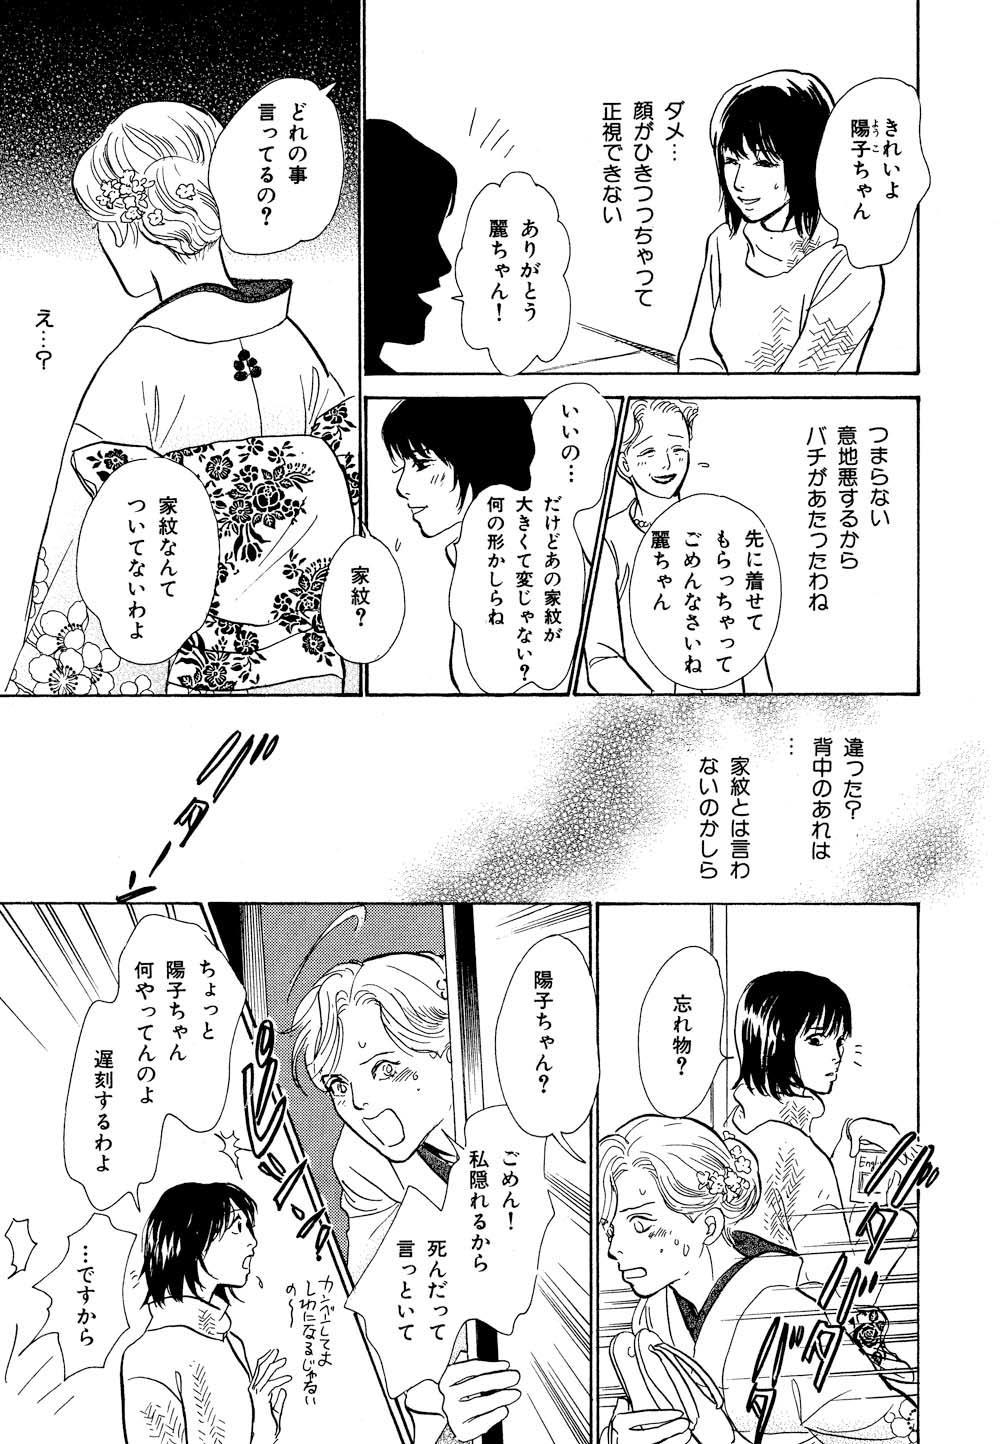 百鬼夜行抄_13_0097.jpg